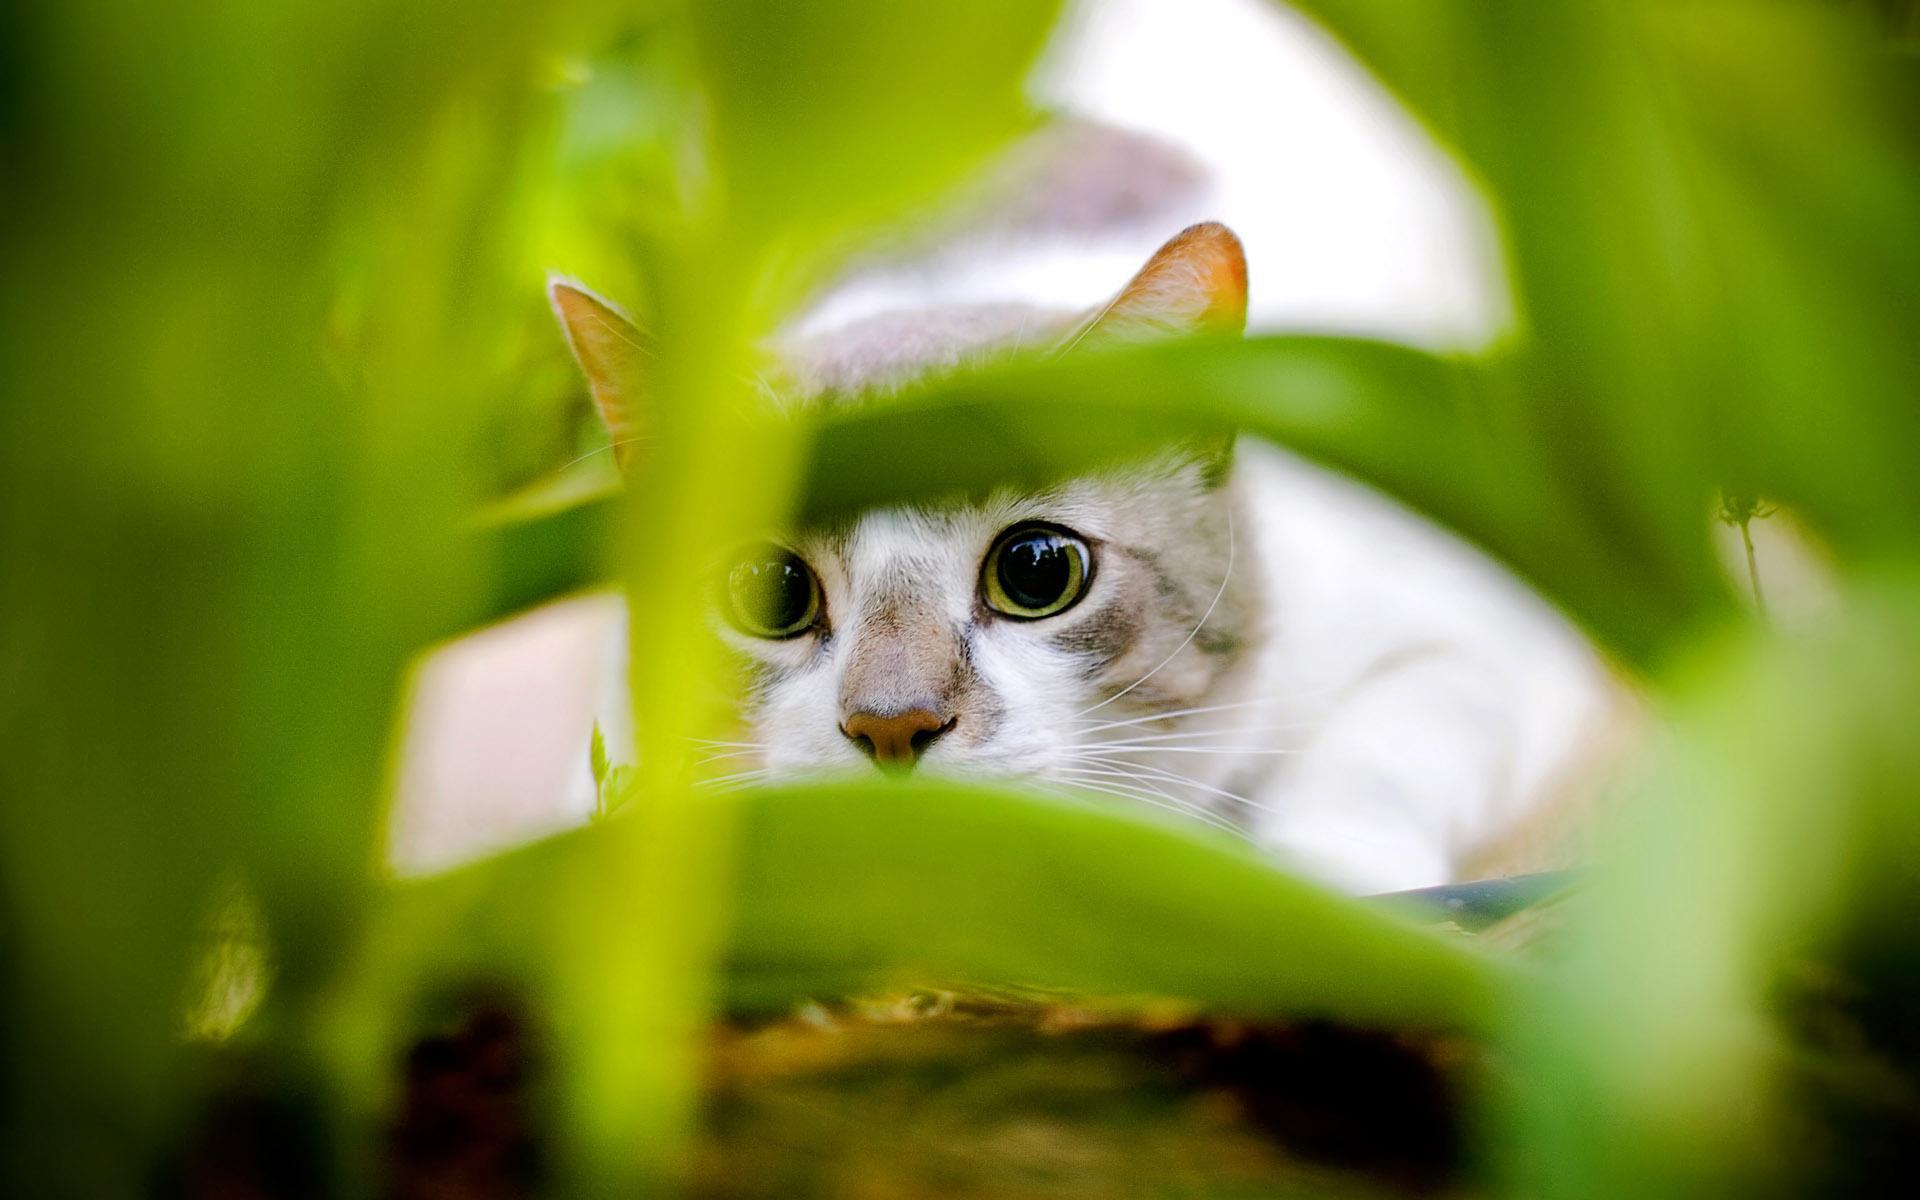 Картинки кошки currently 6 95 10 1 2 3 4 5 6 7